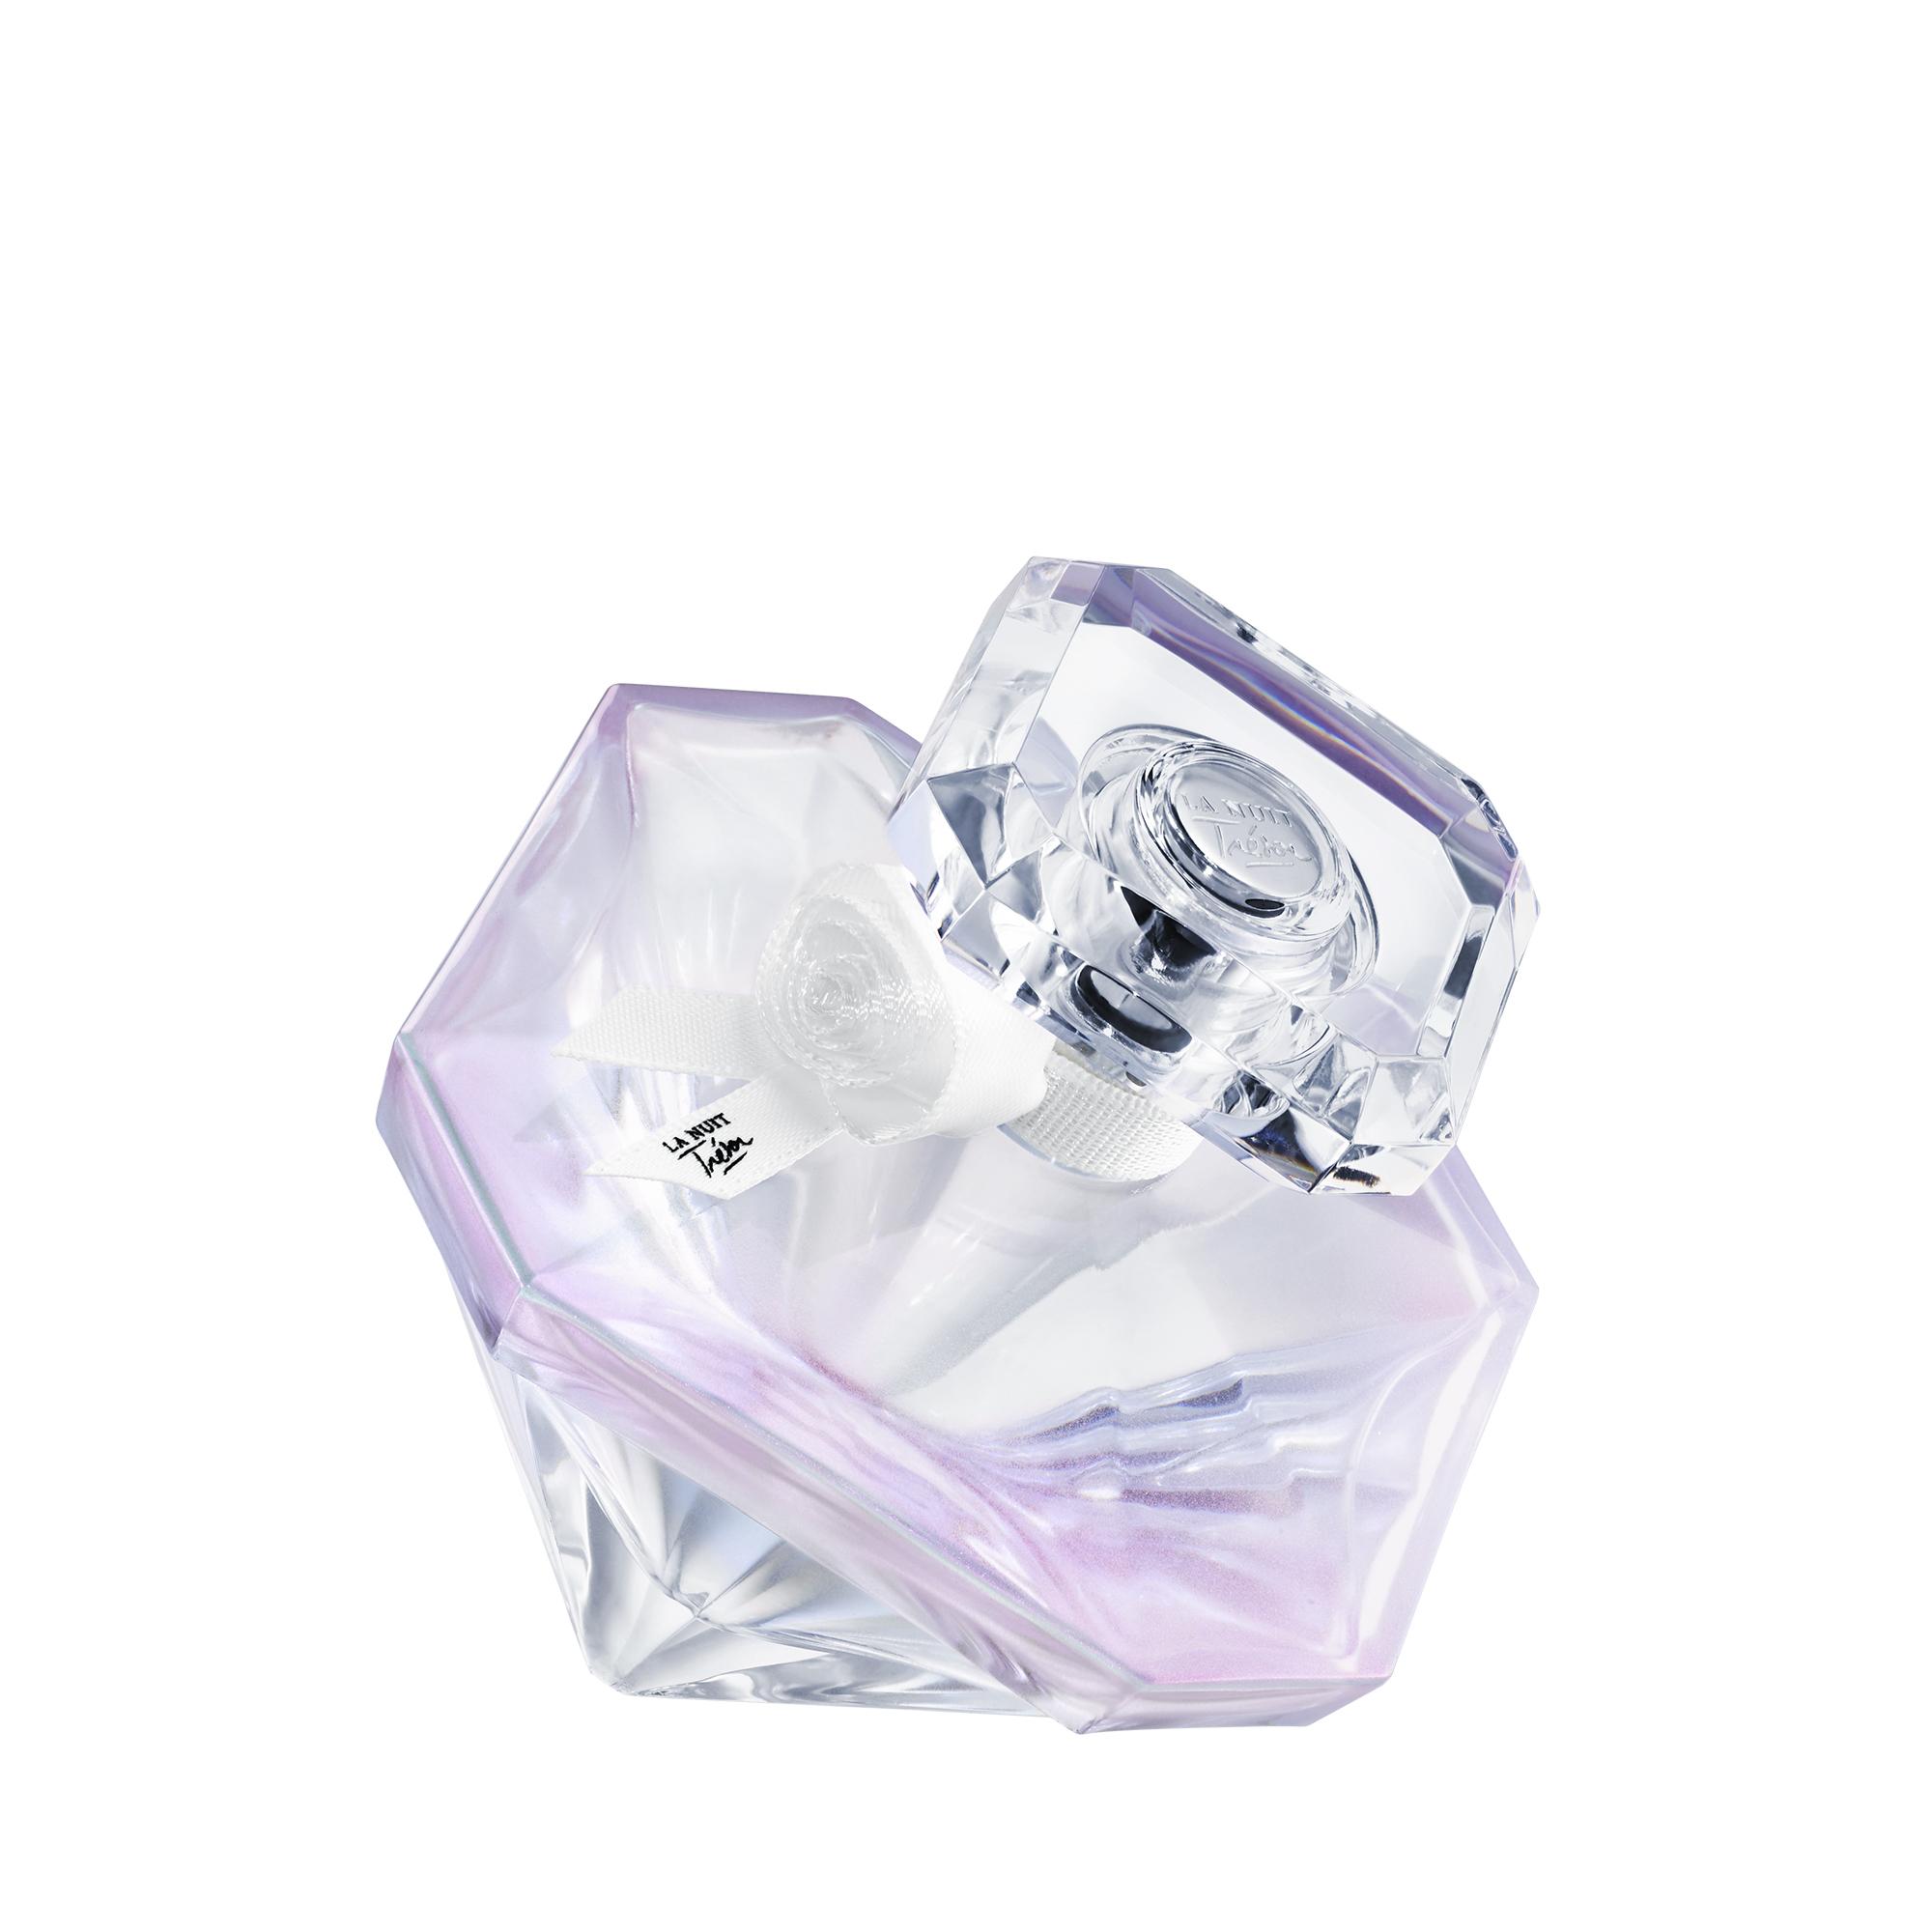 Bilde av La Nuit Trésor Musc Diamant Edp 50 Ml